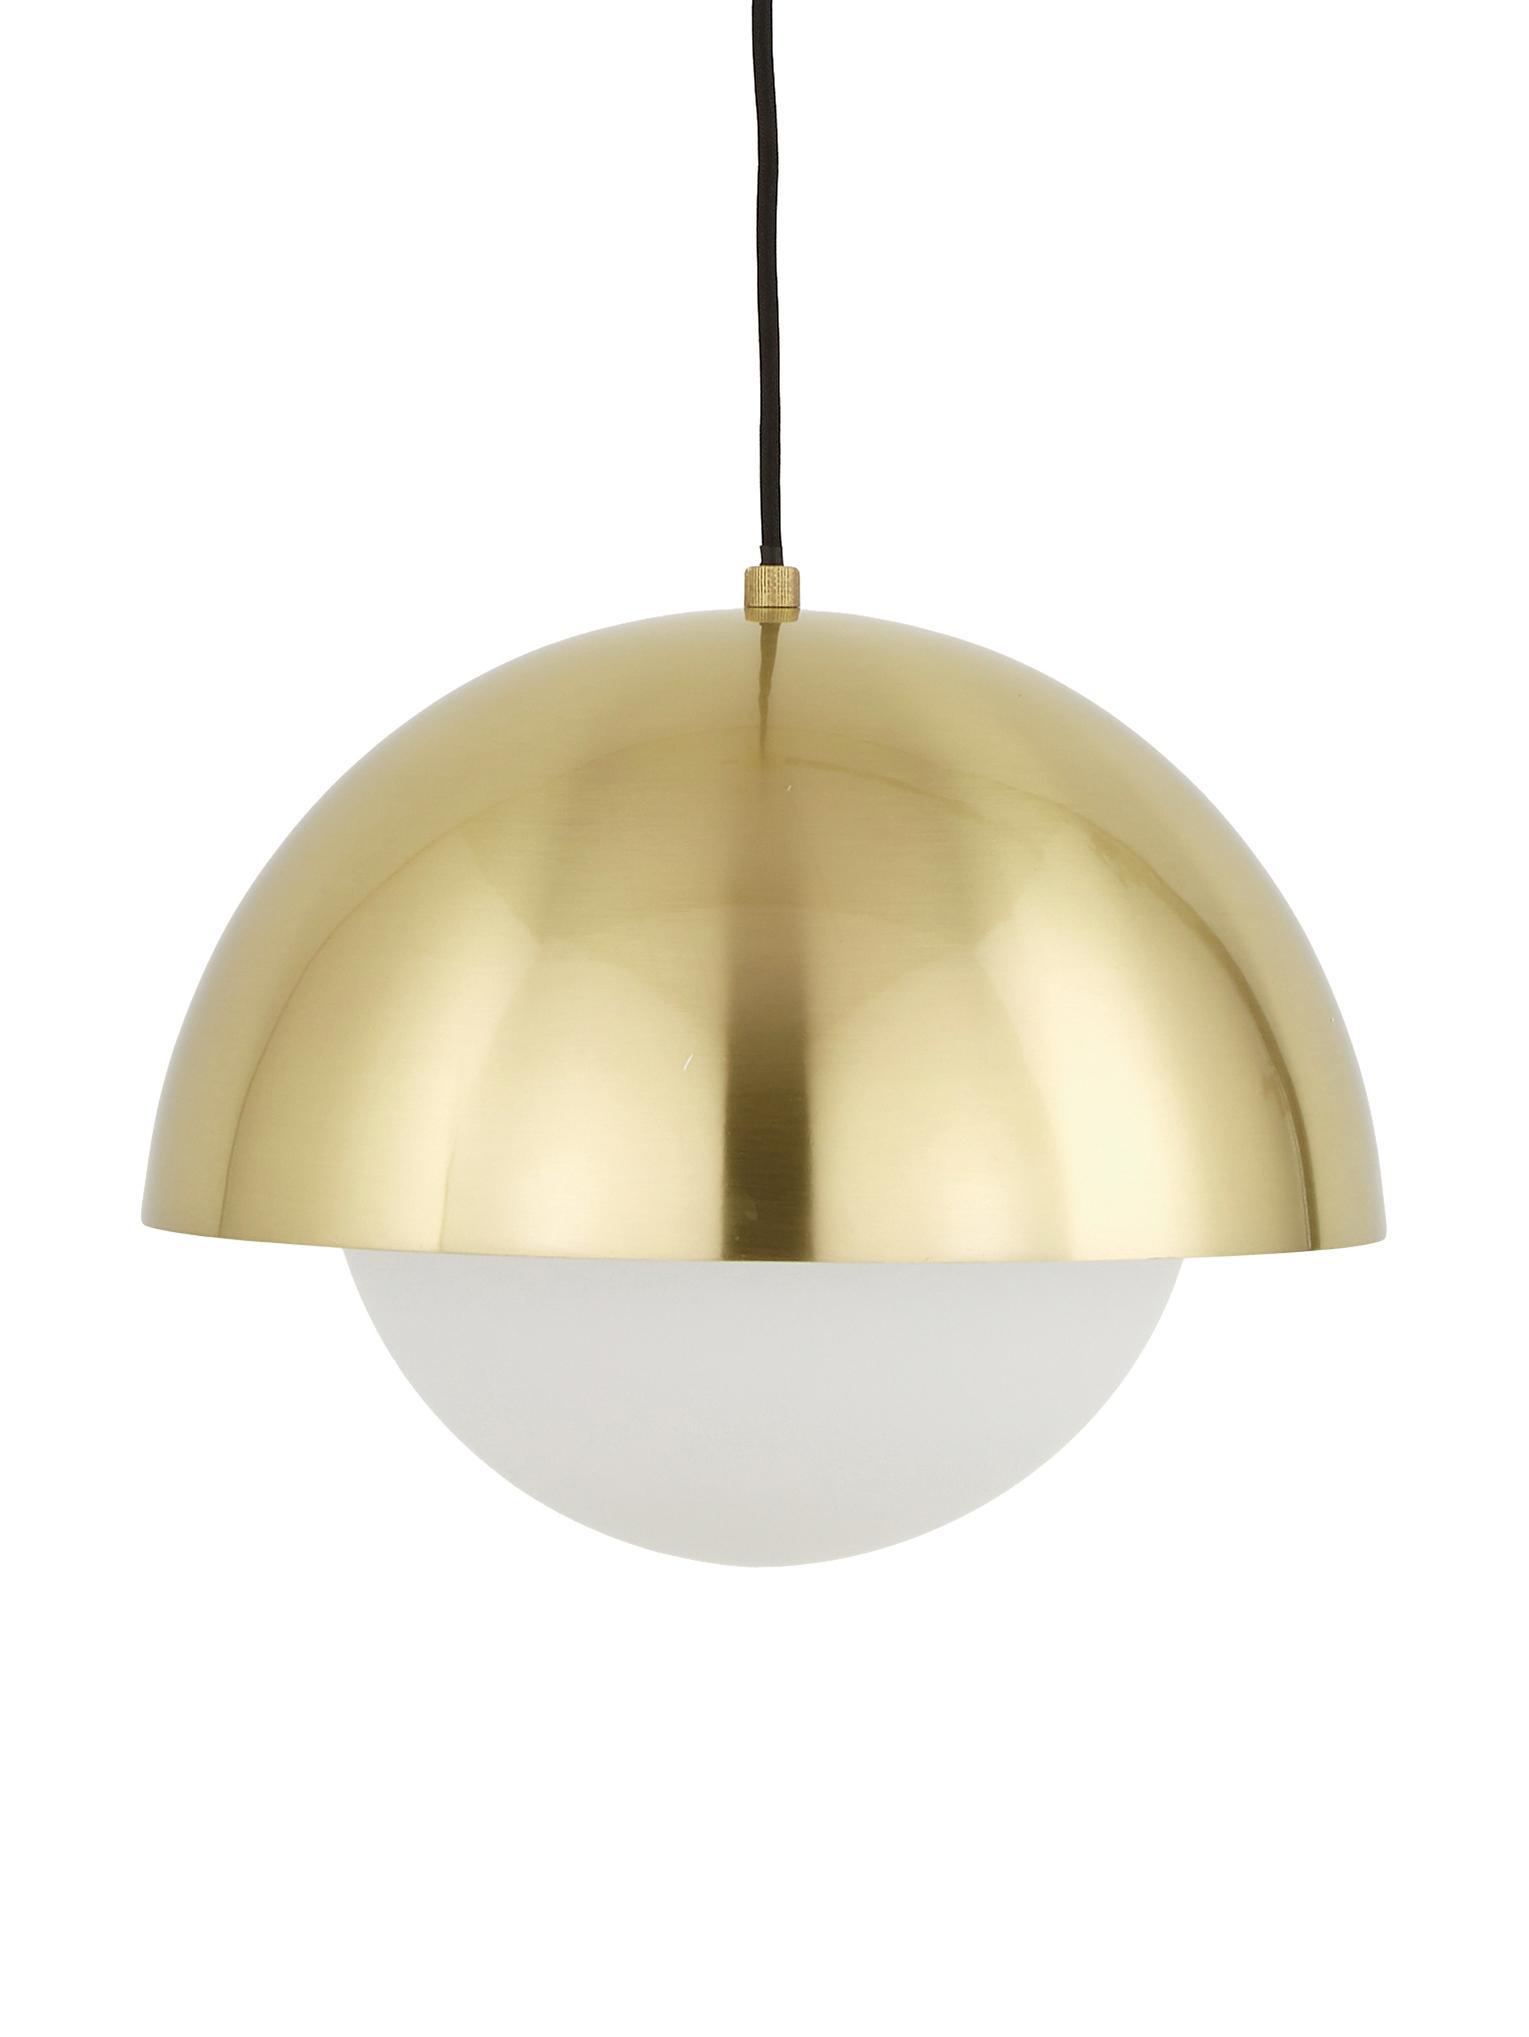 Lámpara de techo Lucille, Anclaje: metal cepillado, Pantalla: vidrio, Cable: cubierto en tela, Latón, blanco, Ø 35 x Al 30 cm